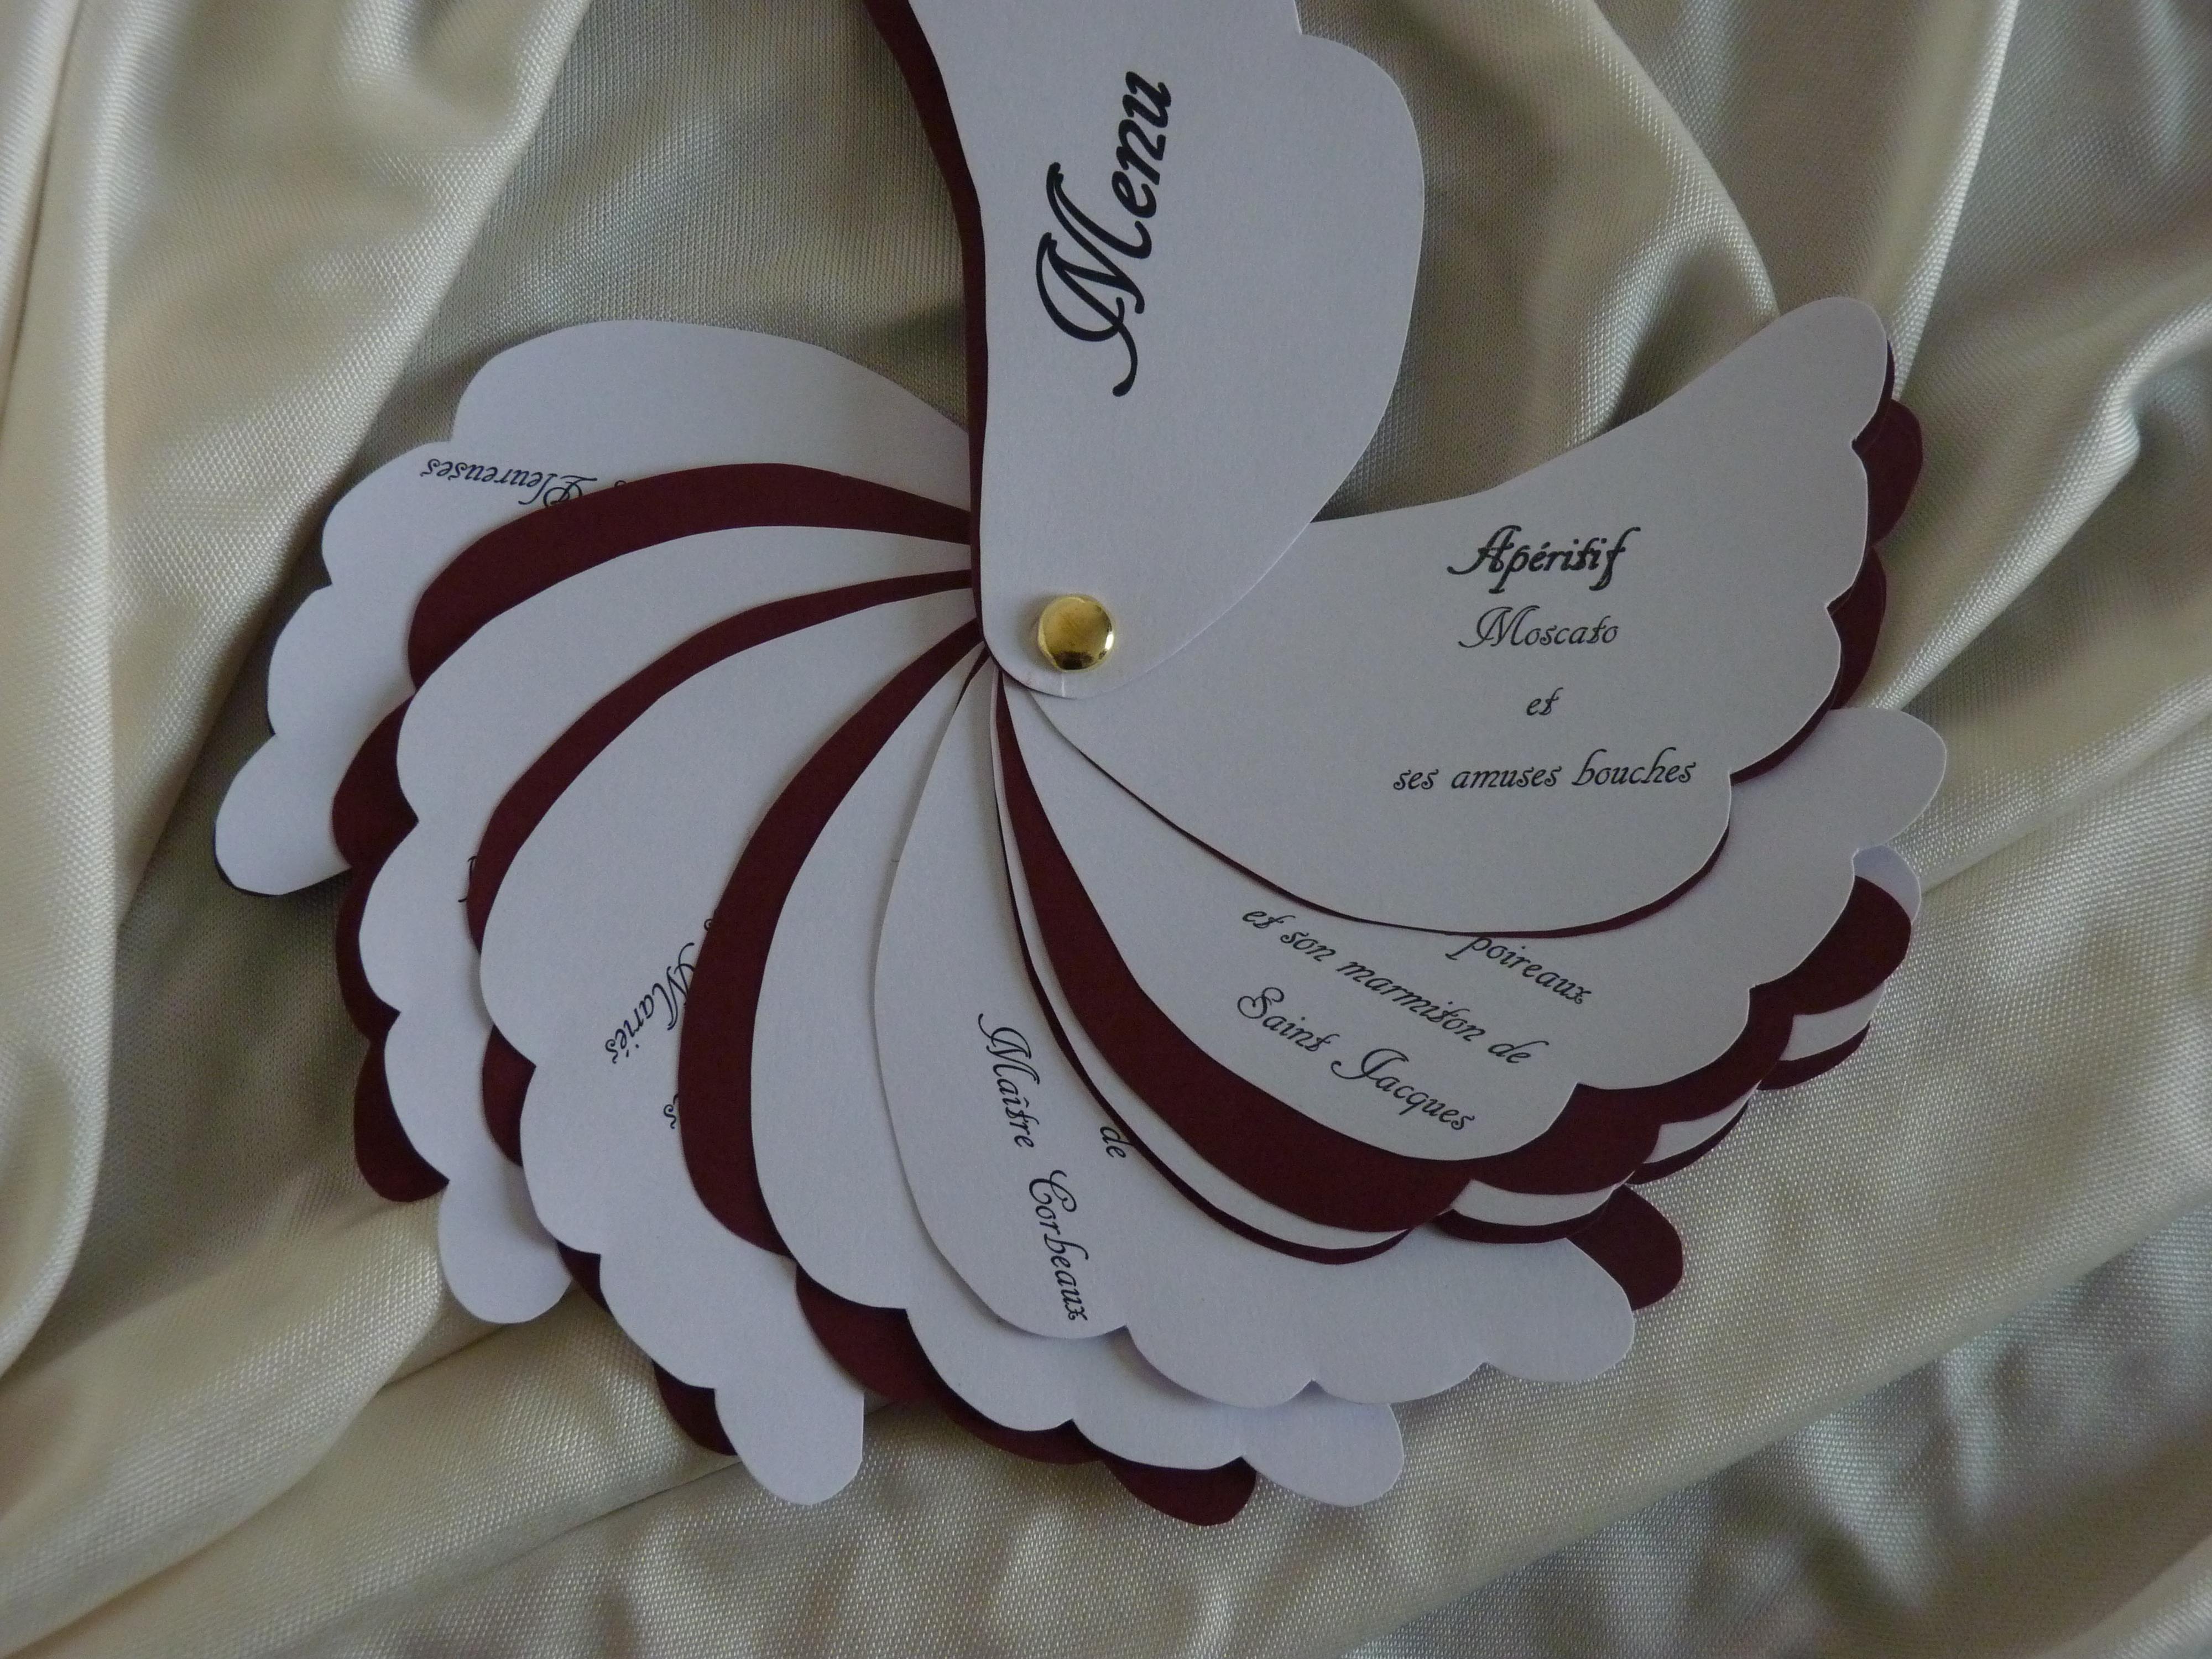 D co mariage f tes et colliers accessoires fait main - Decoration mariage fait main ...